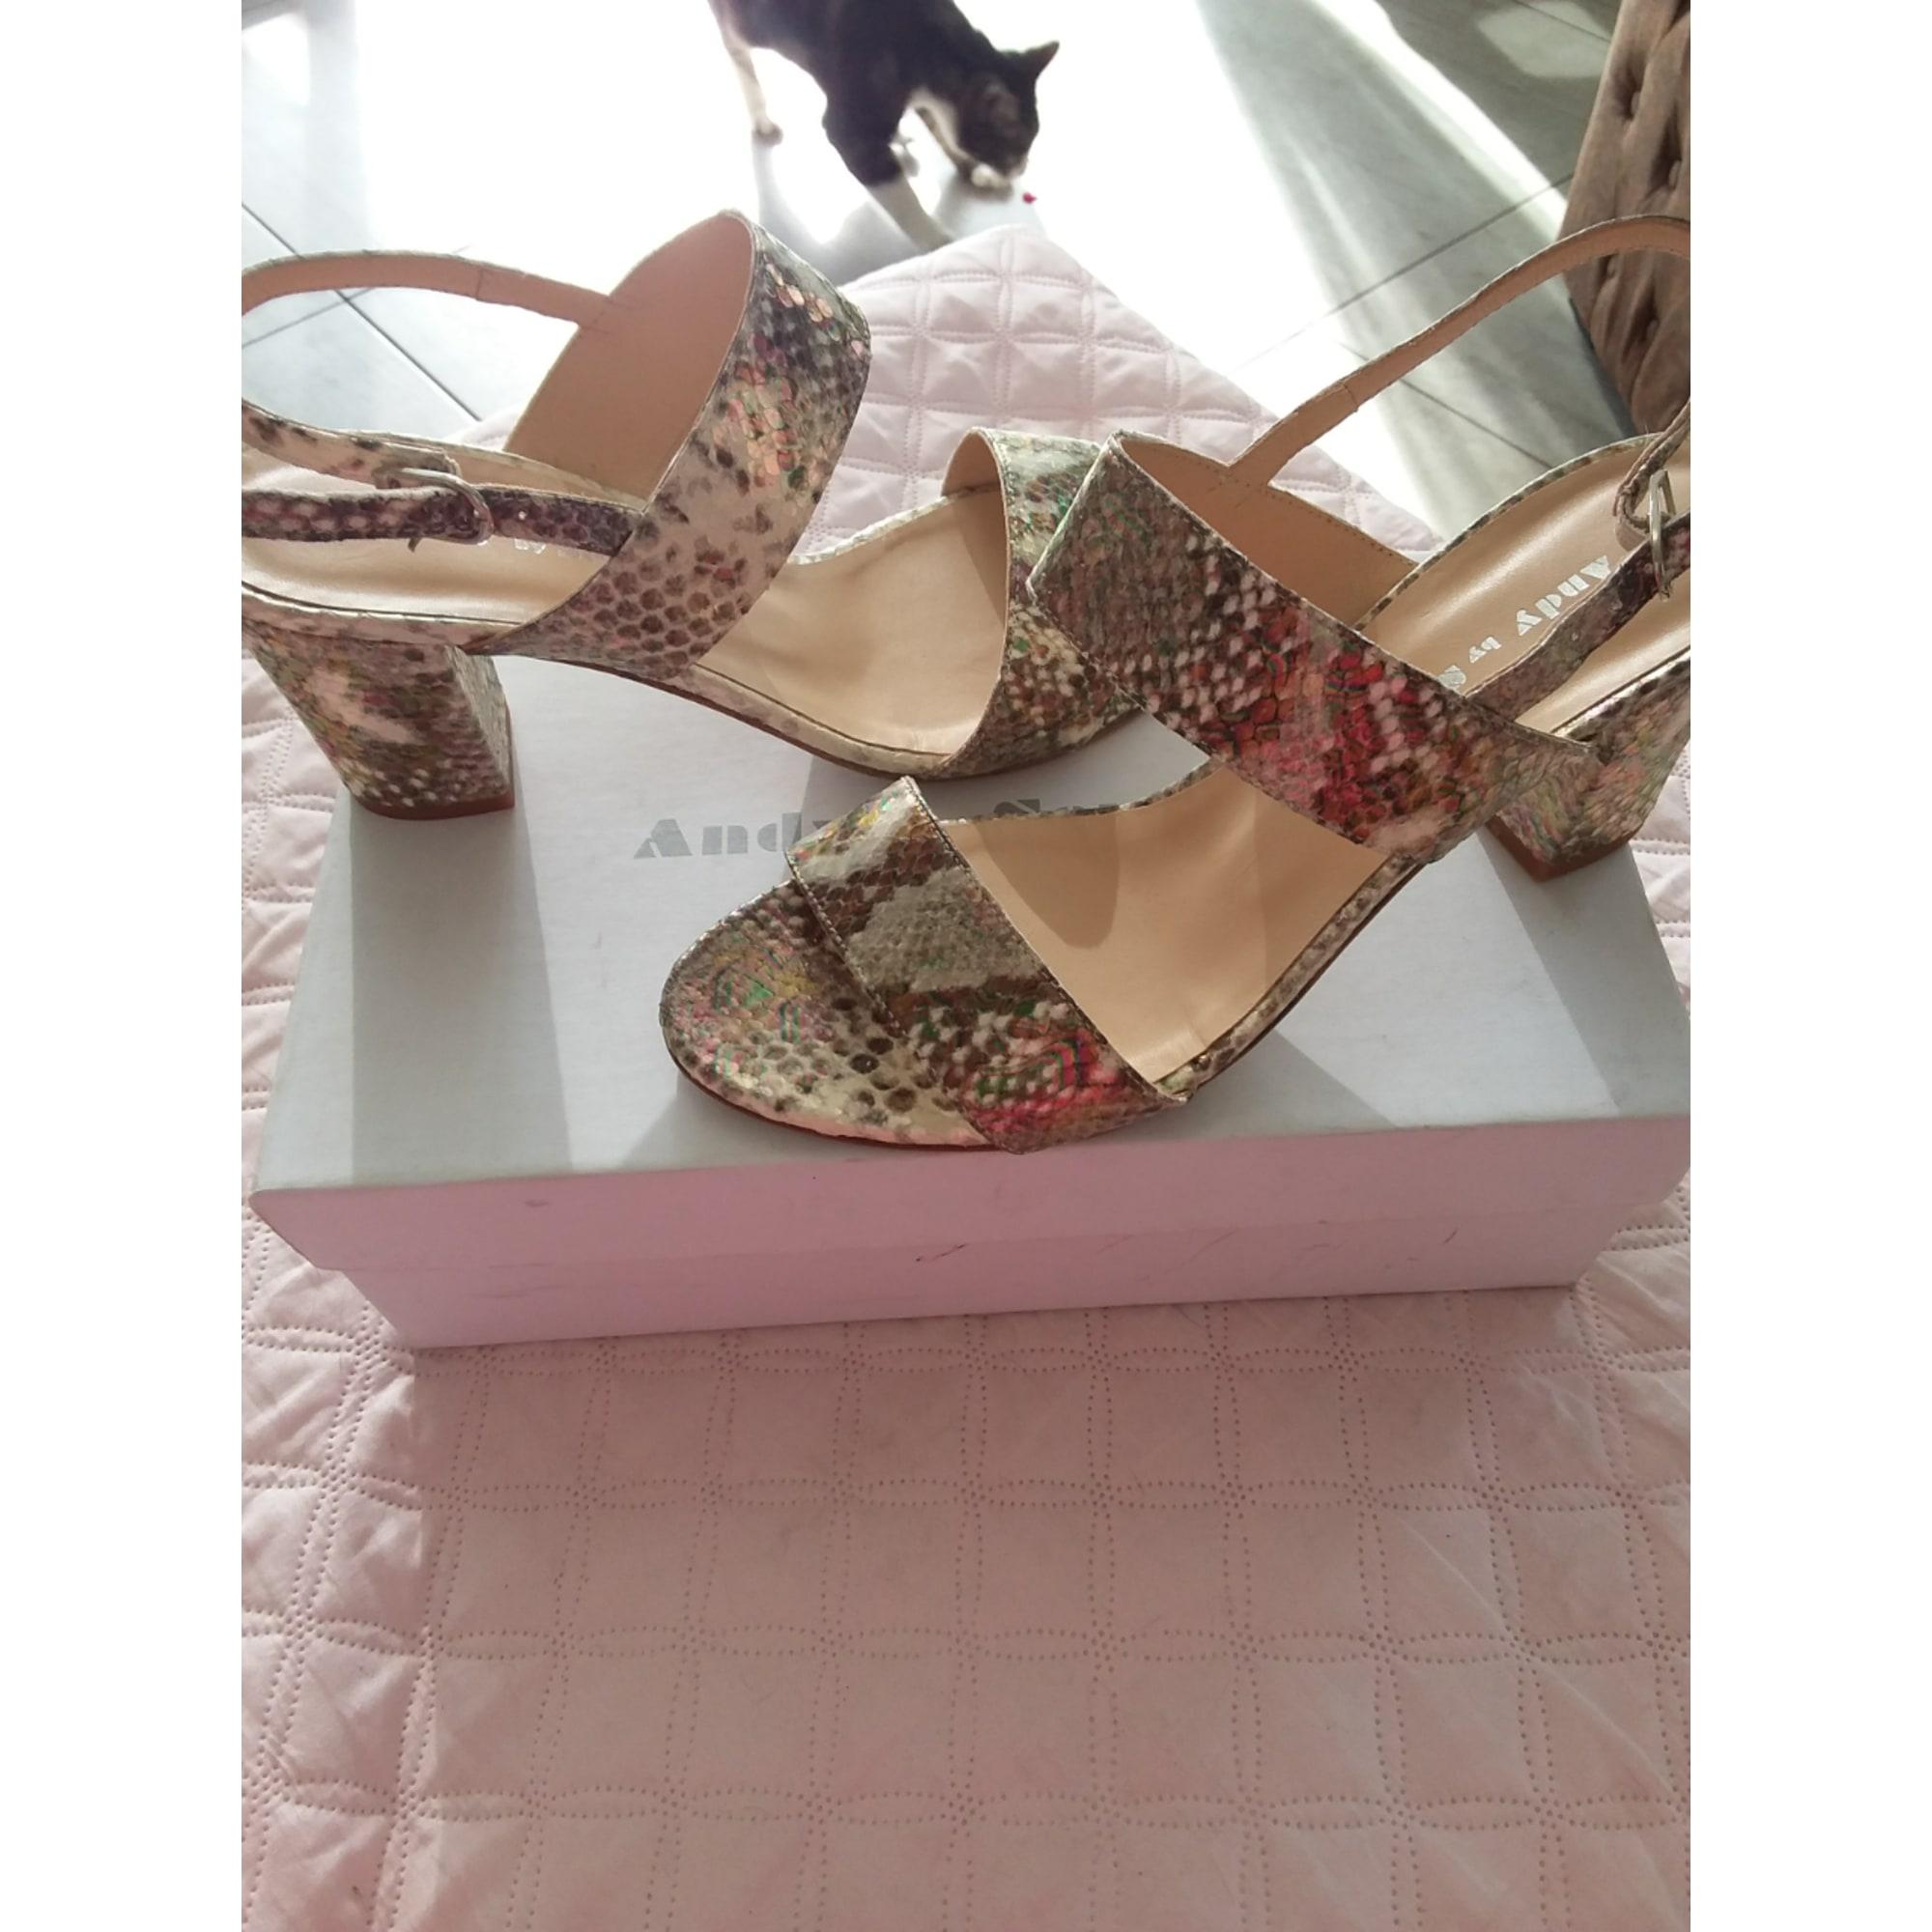 Sandales à talons ANDY BY SEMER blanc cassé bronze doré